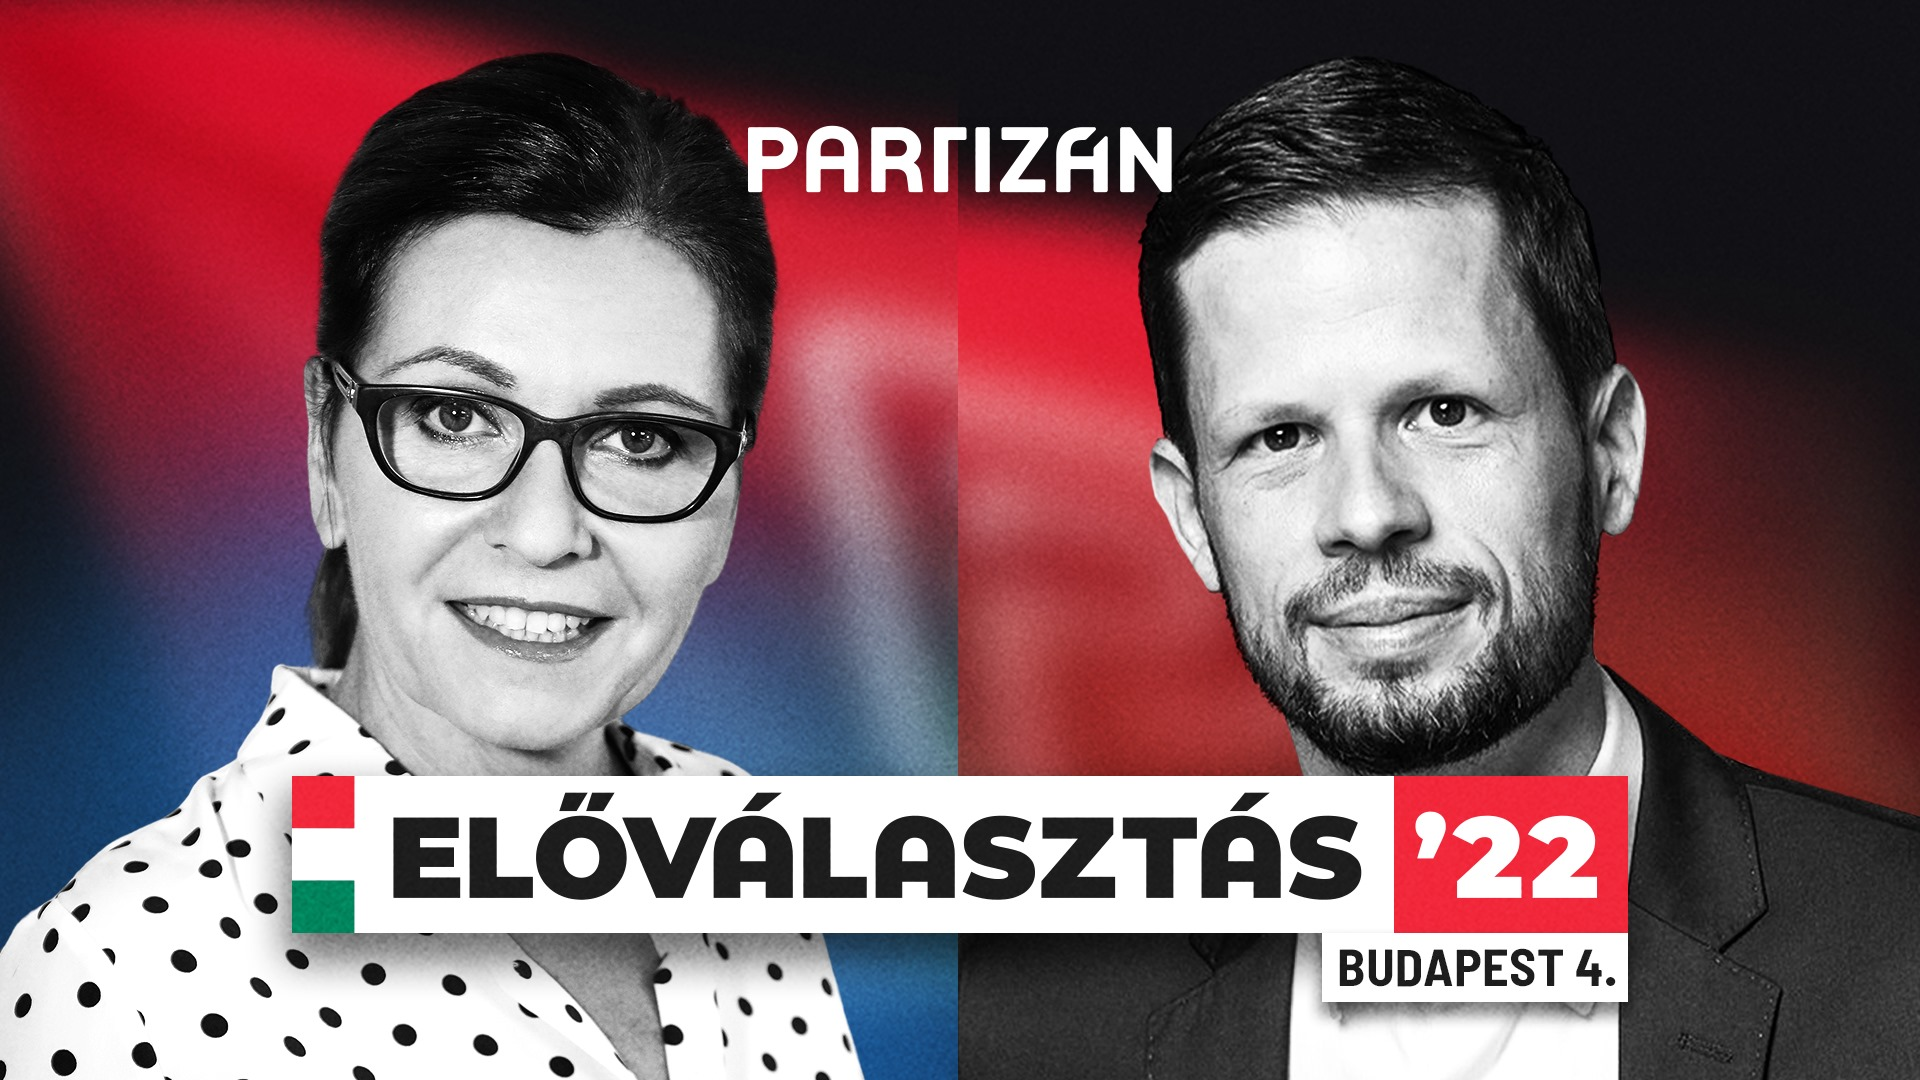 Szoros mérkőzés várható Kálmán Olga és Tordai Bence között az előválasztáson, itt nézheted élőben a vitájukat